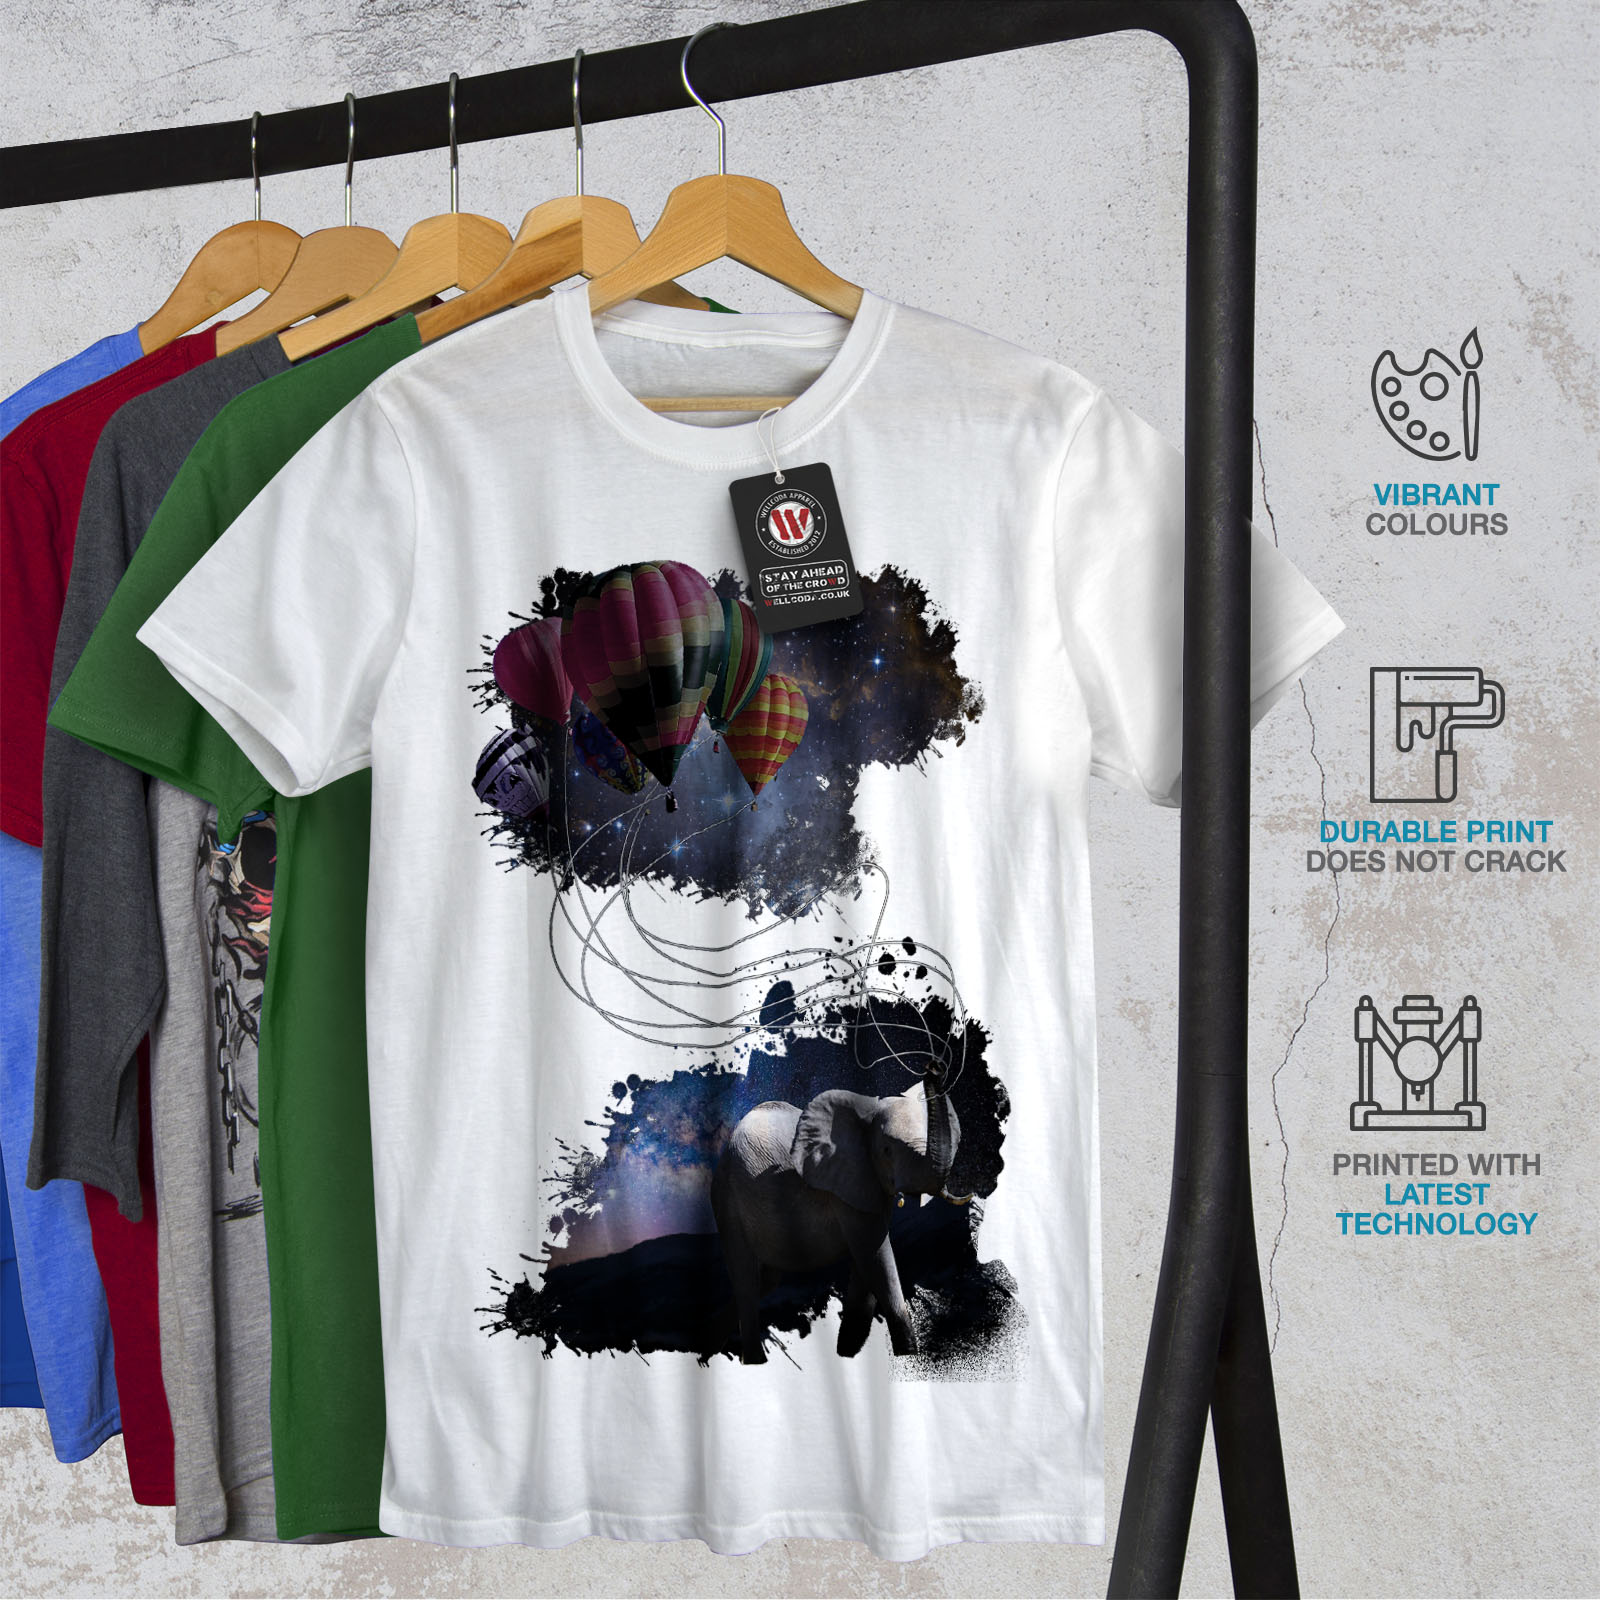 Animale Design Grafico Stampato T-shirt Wellcoda Dream Fantasia Elefante Da Uomo T-shirt